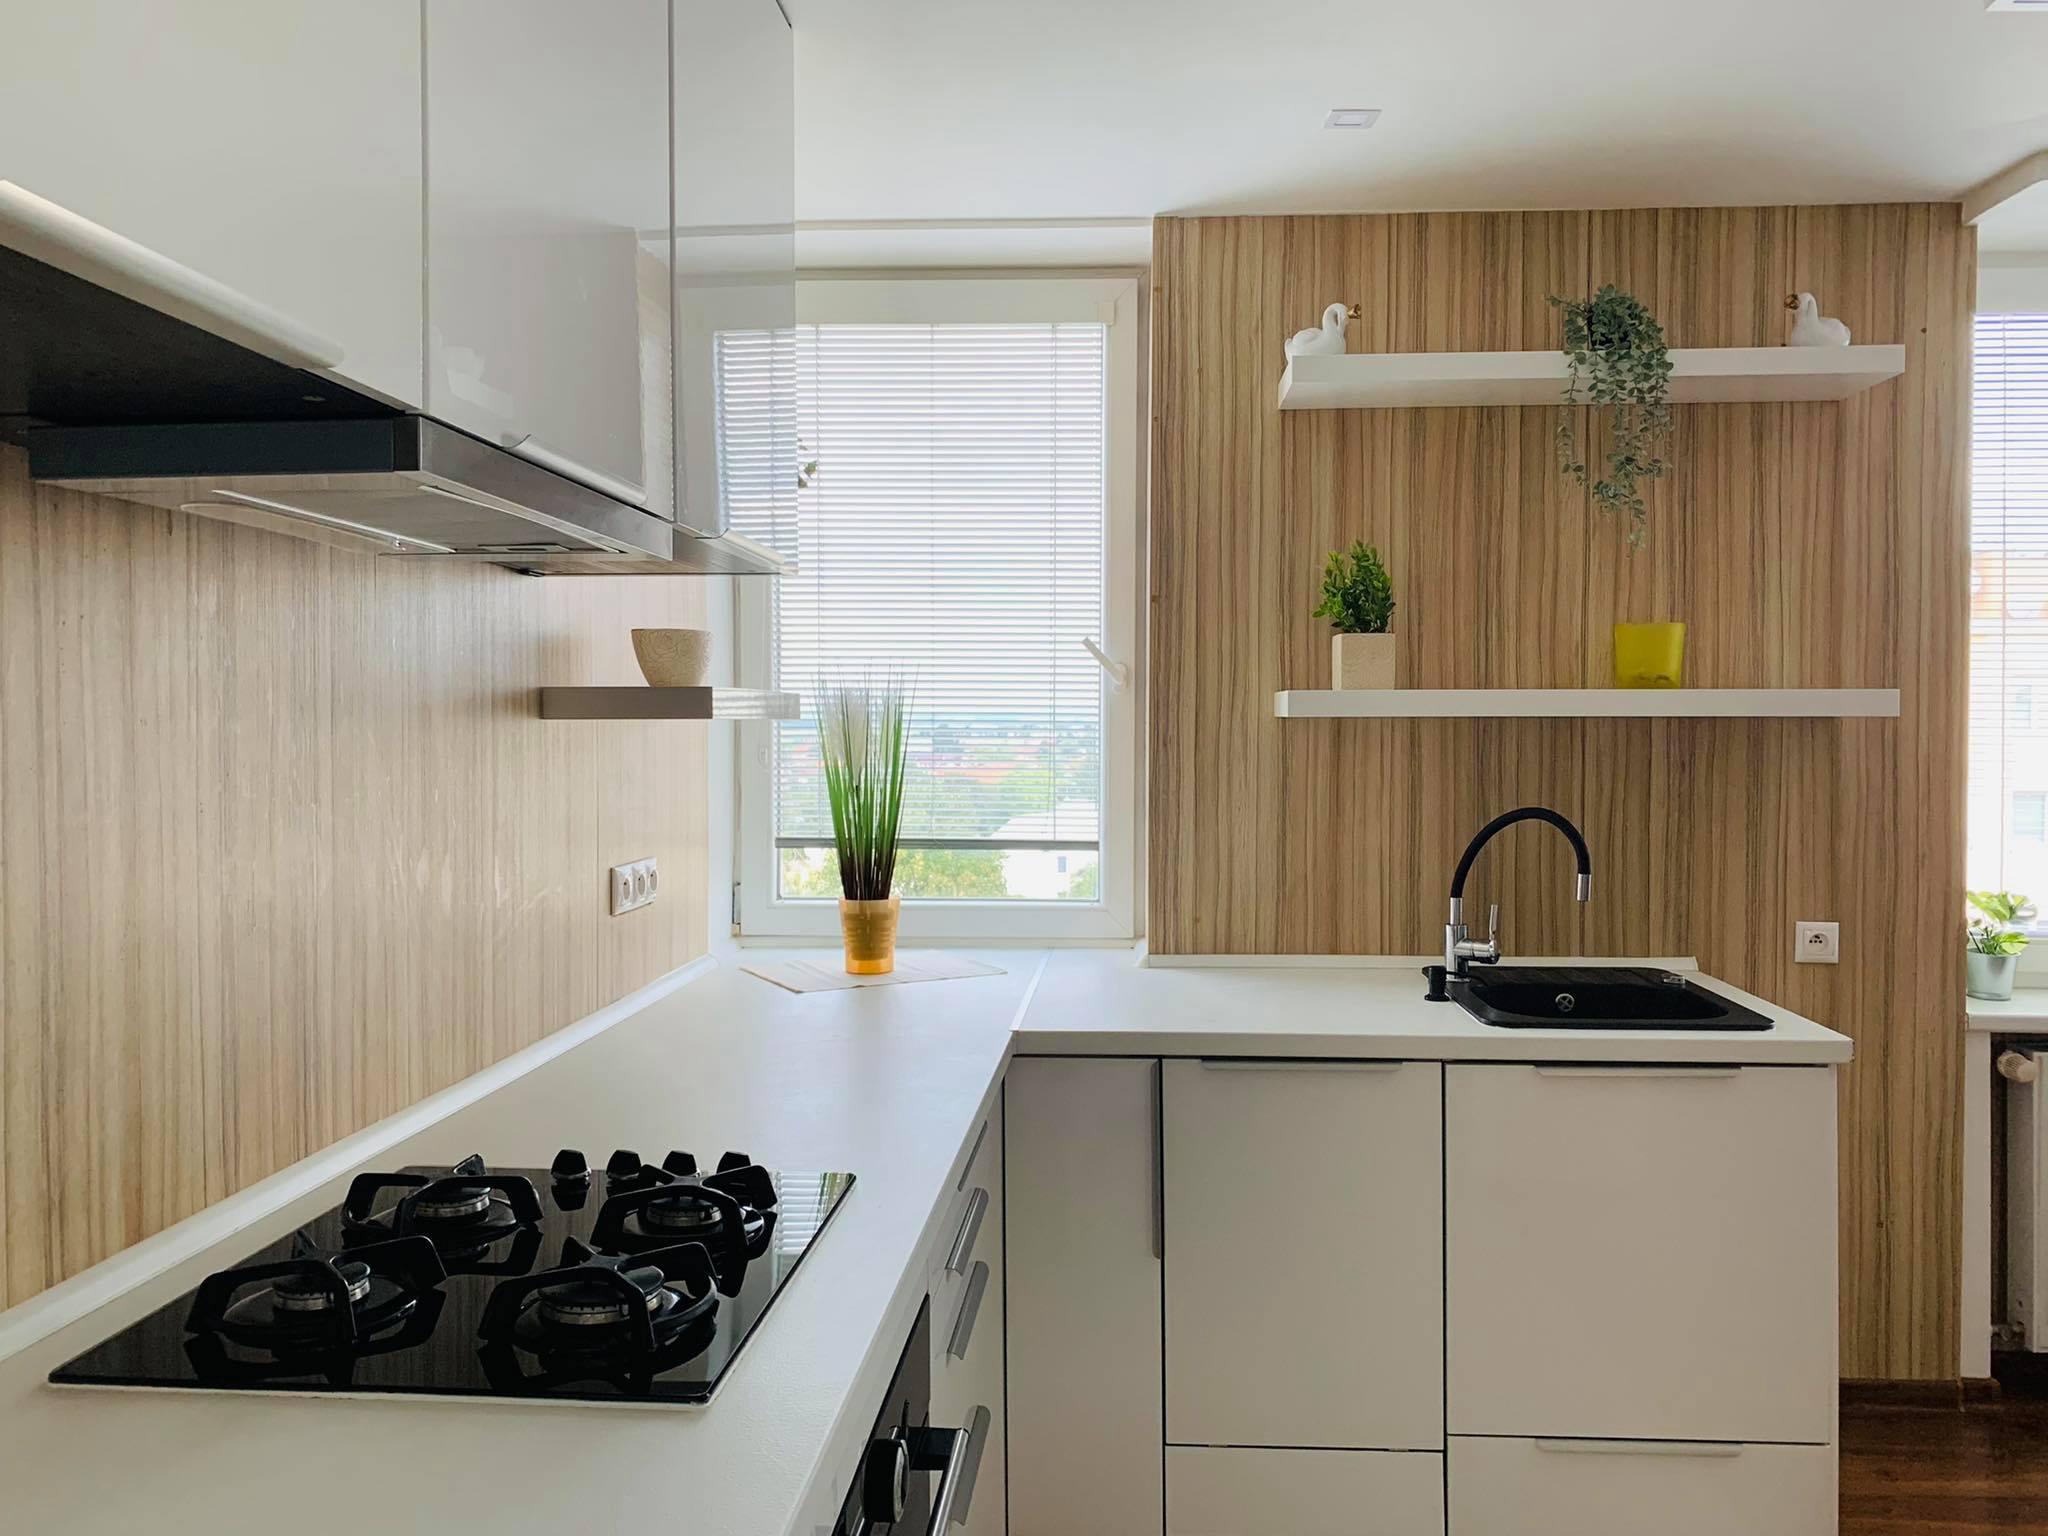 | ZARIADENÝ | 2-izbový byt | 55 m2| Špačinská cesta | TRNAVA |